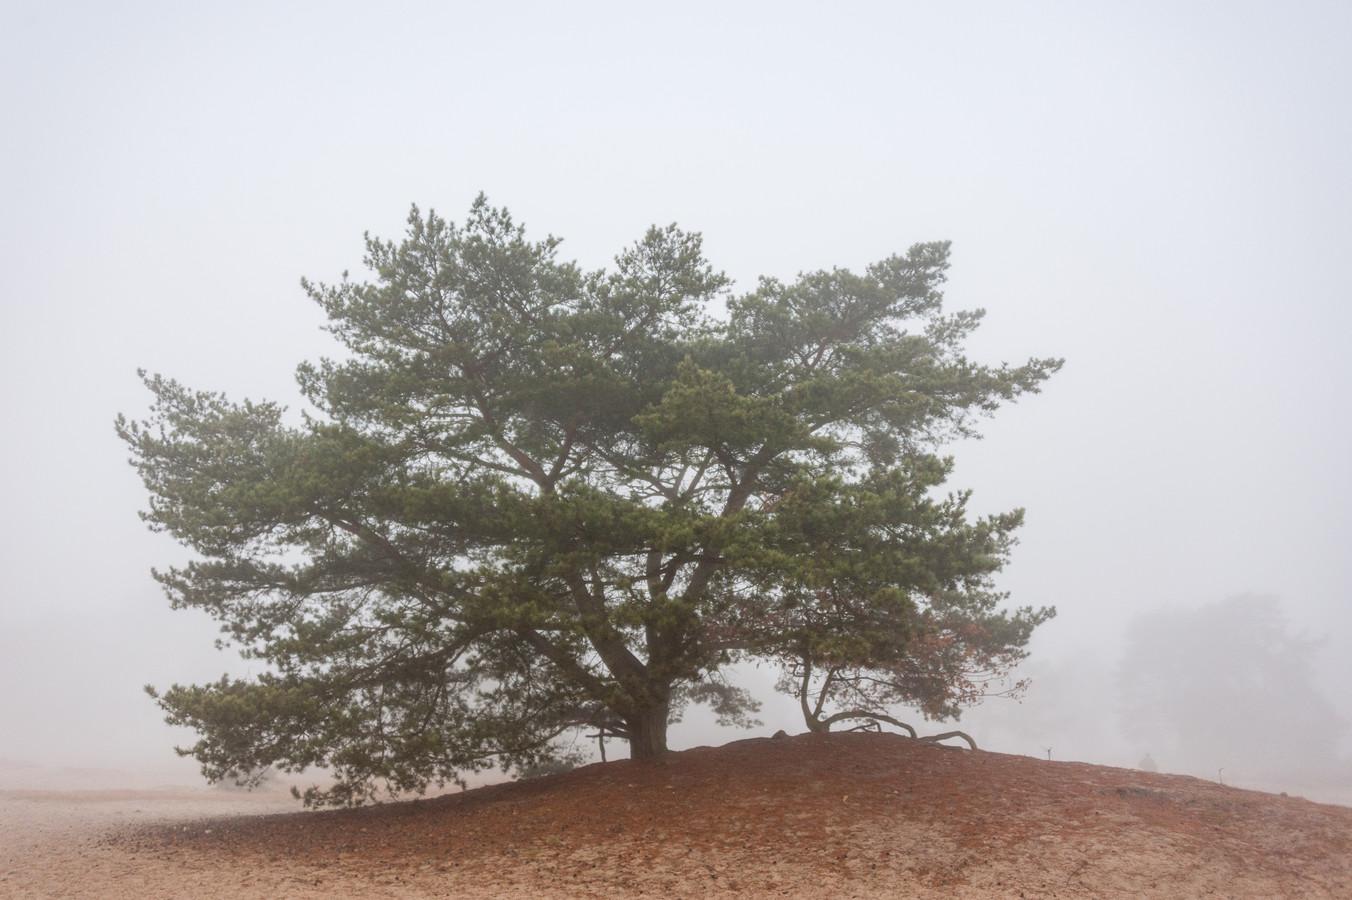 Op de Soester Duinen staan vliegdennen. Het grootste deel van de boom staat ondergronds.